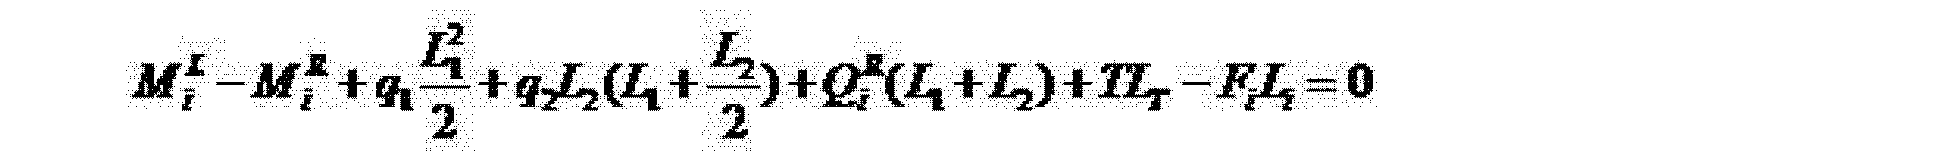 Figure CN102323058BD00082